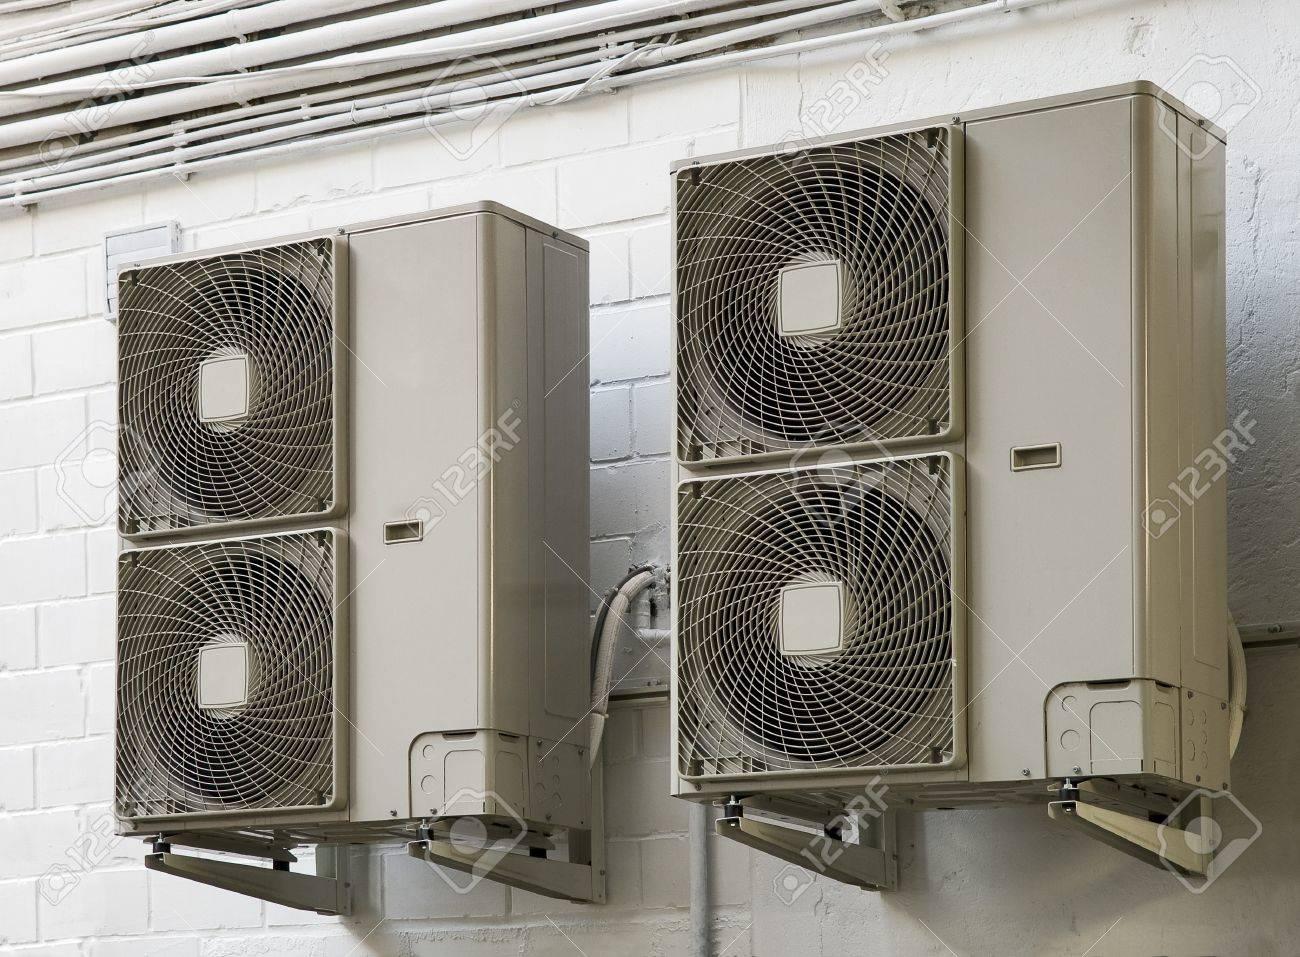 climatiseur air conditioner Standard-Bild - 17360418